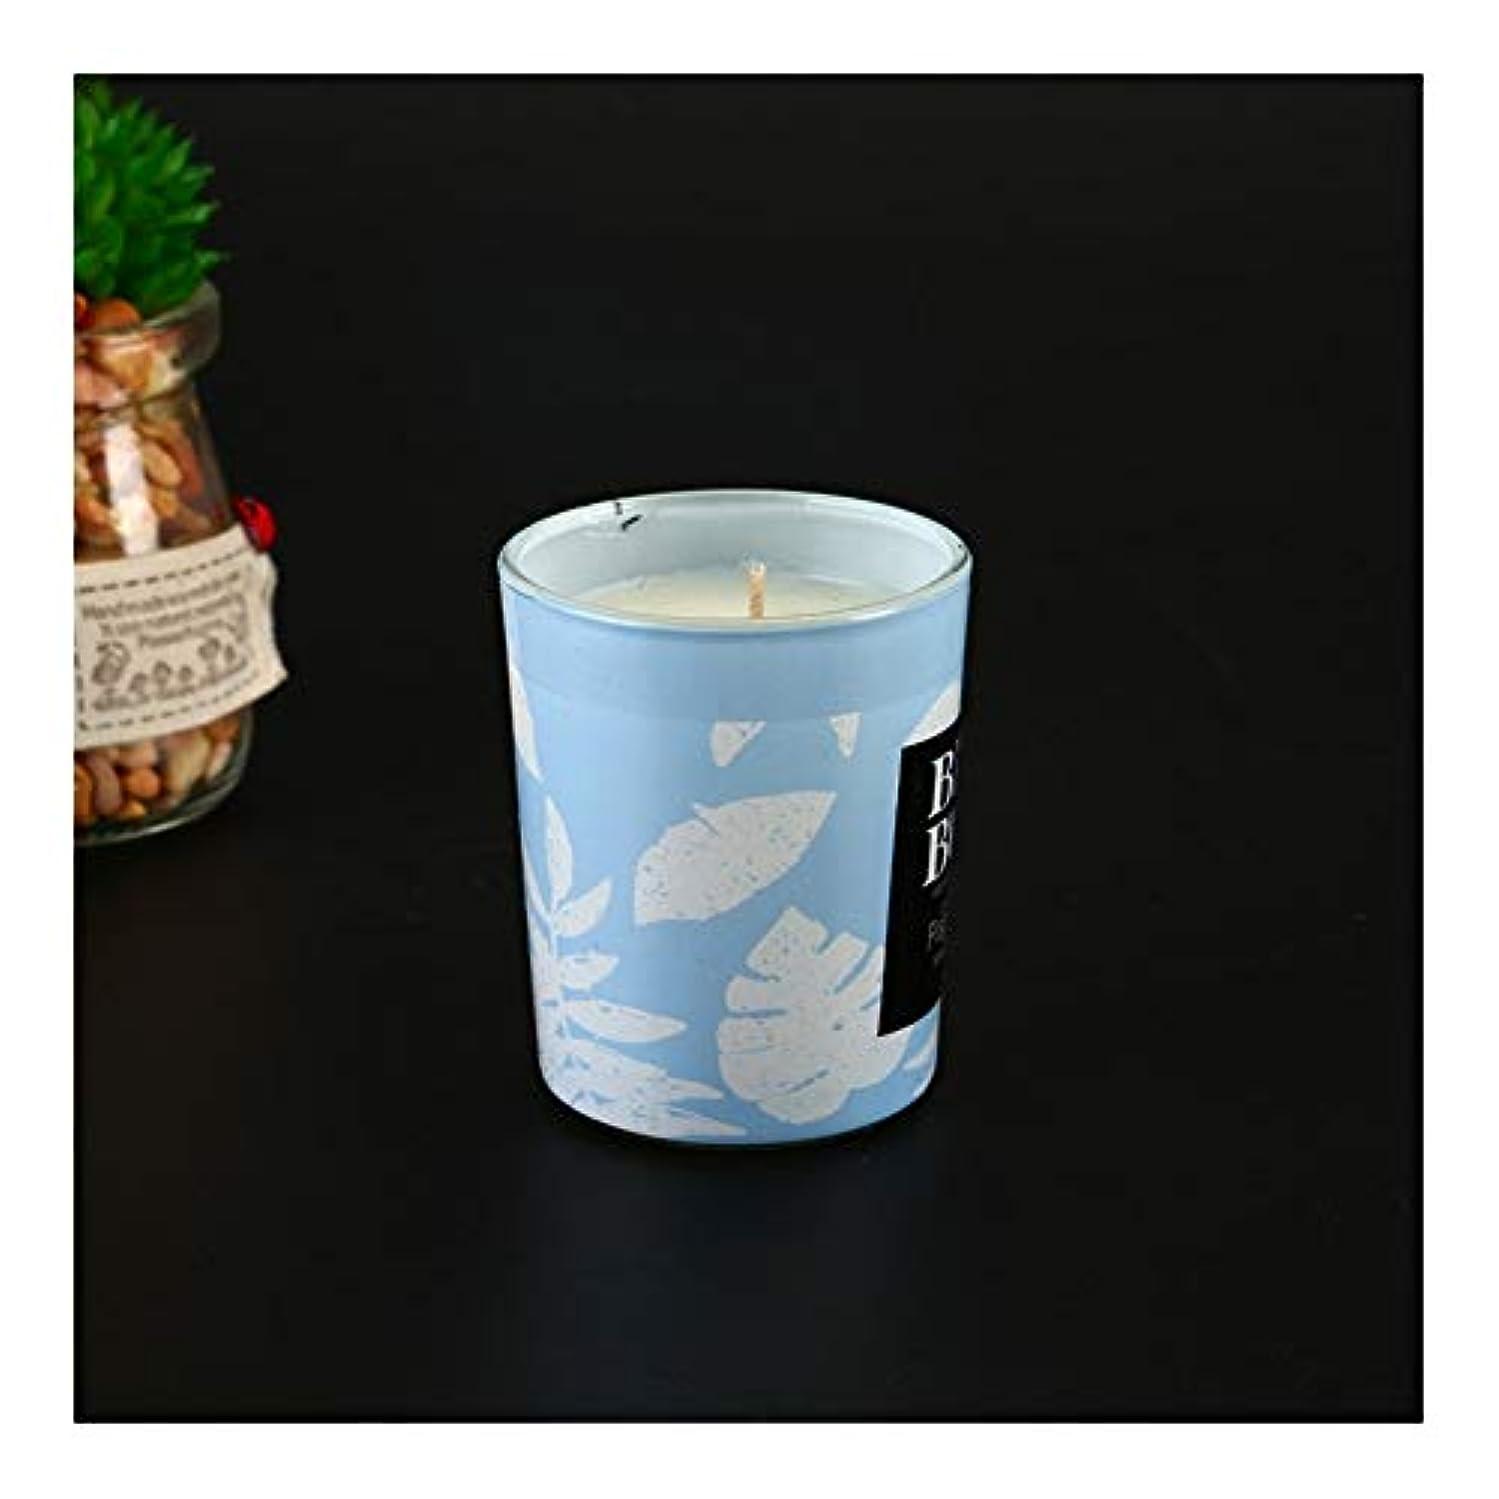 バーター性差別マンモスGuomao アロマセラピーキャンドルカップ告白アーティファクトキャンドル手で環境に優しい無煙大豆ワックス (色 : Blue wind chime)